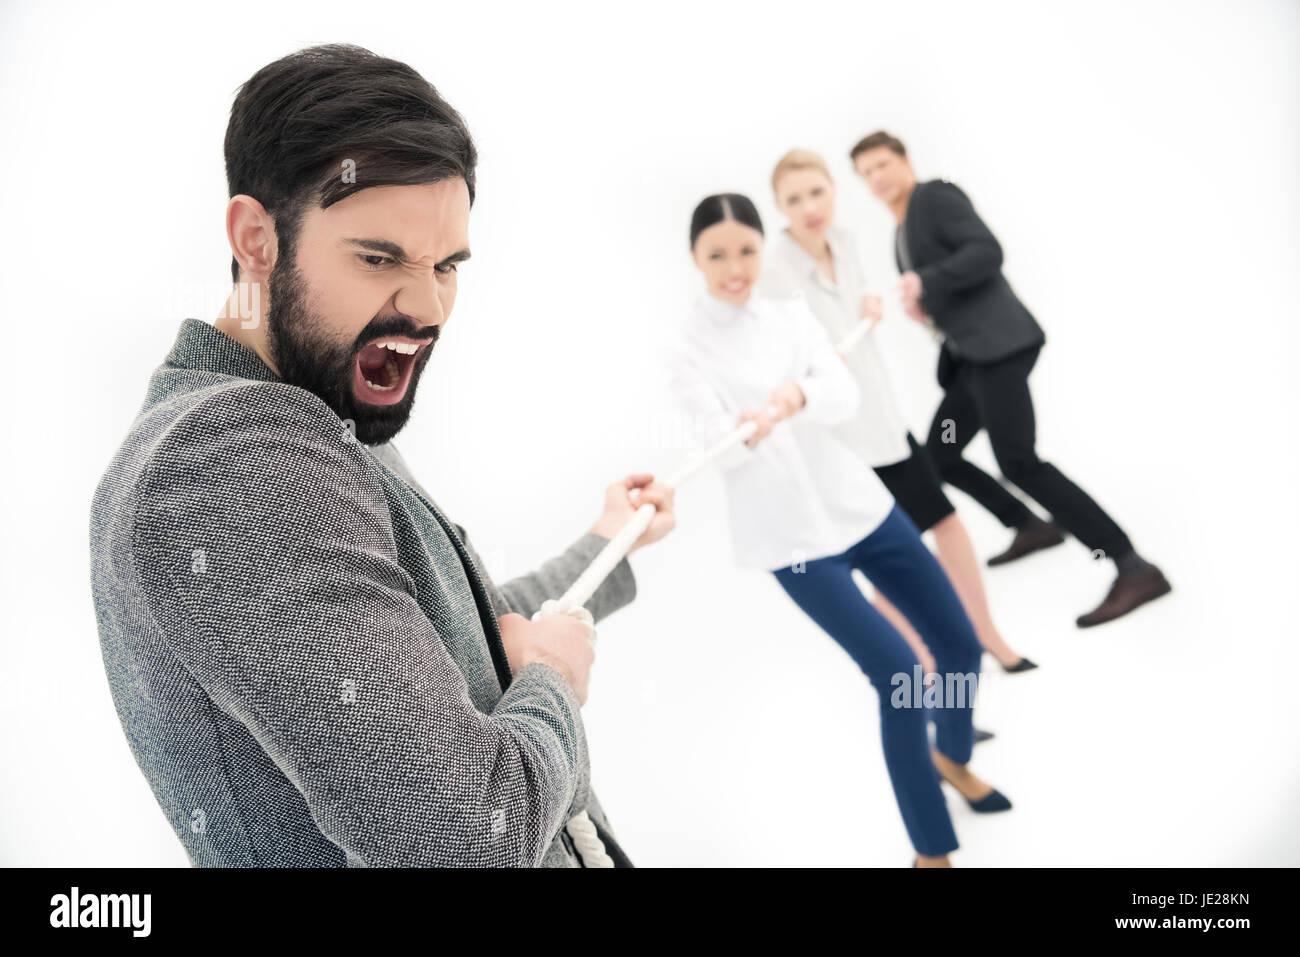 Gruppe von Geschäftsleuten ziehen über Seil isoliert auf weiss Stockfoto